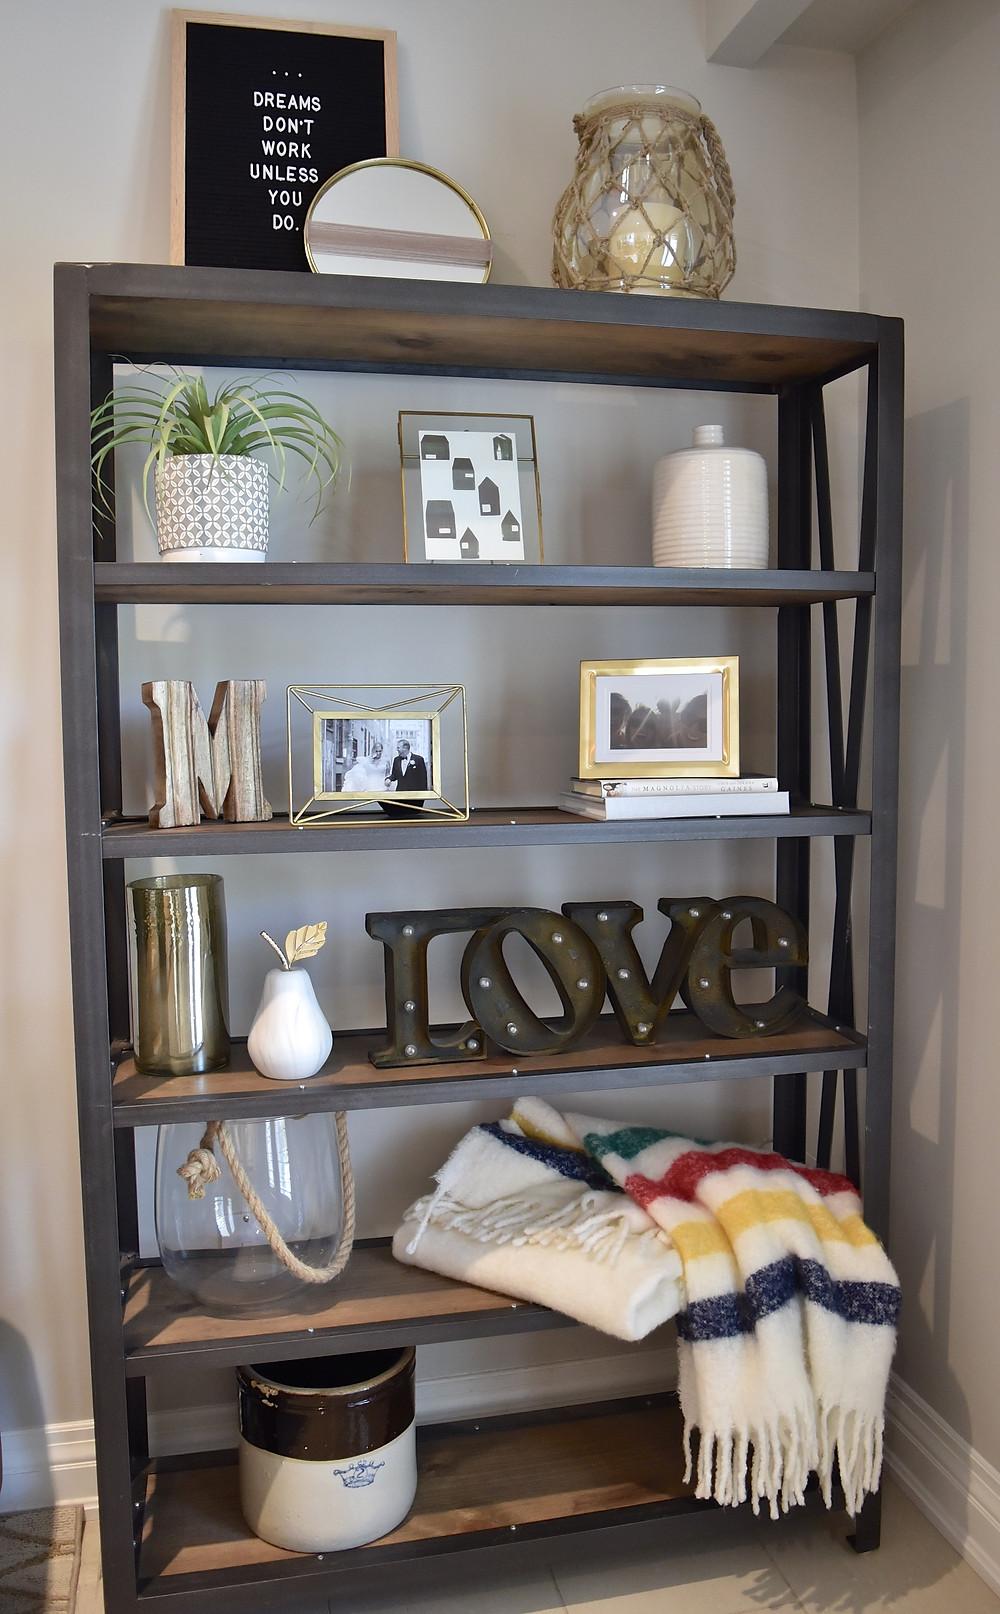 Shelfie bookcase styling